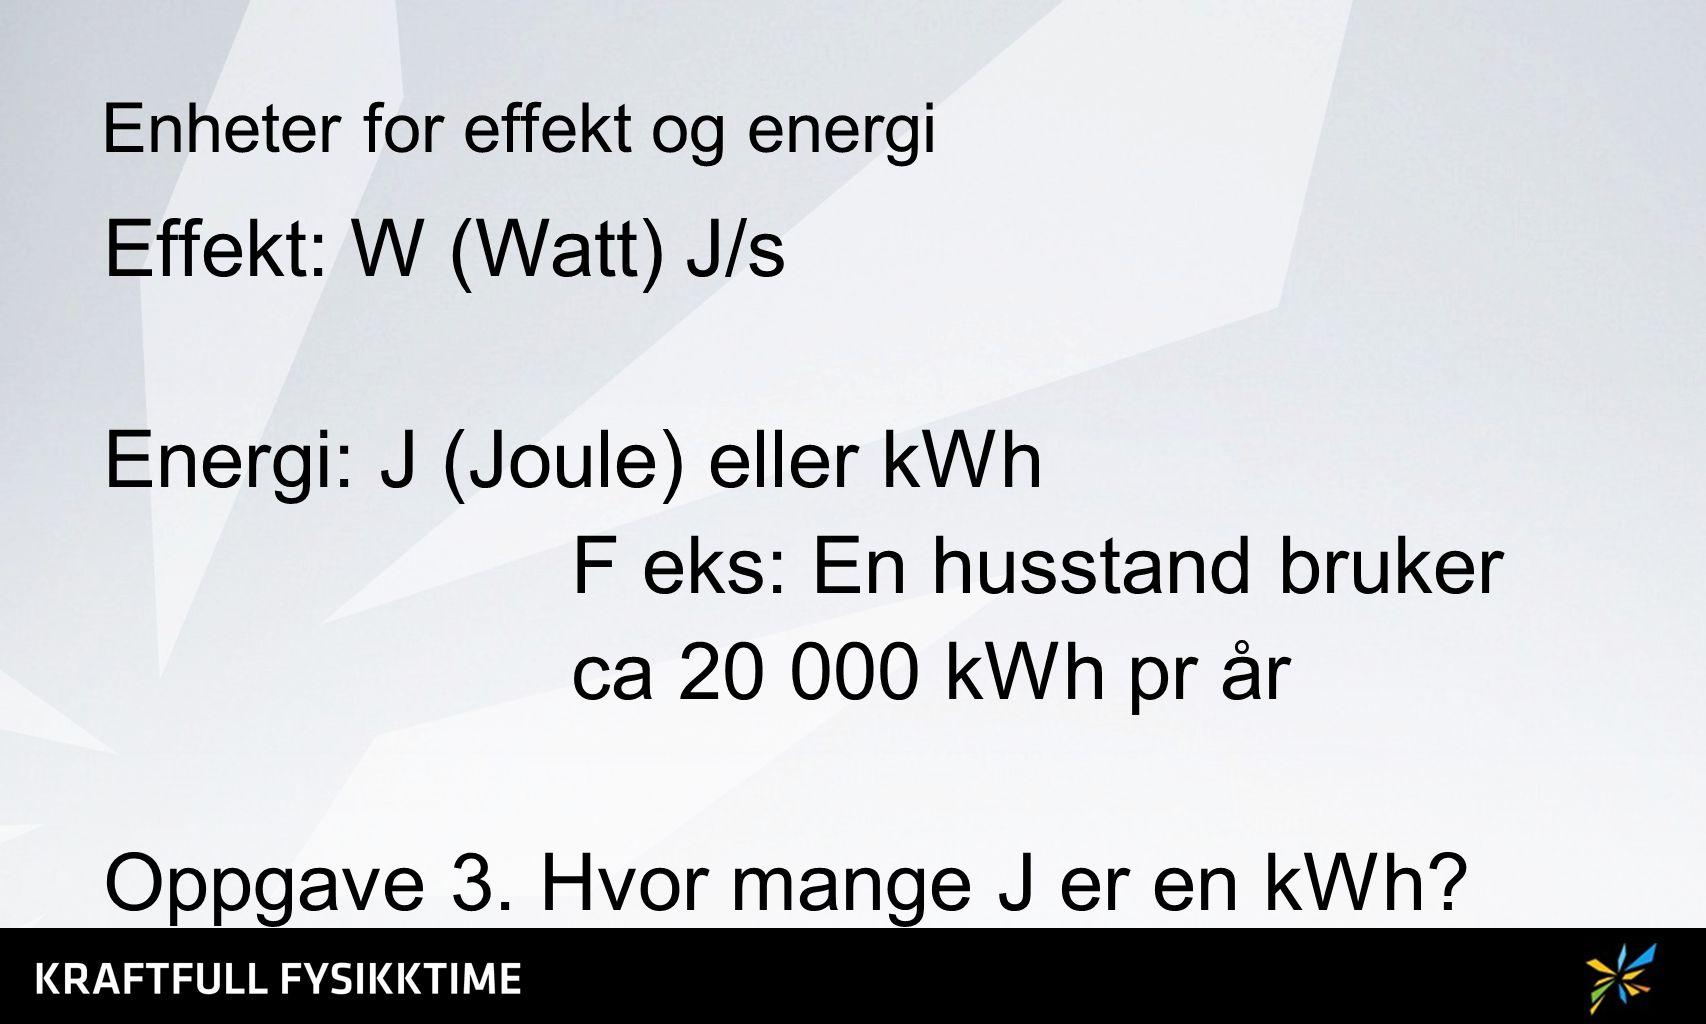 Enheter for effekt og energi Effekt: W (Watt) J/s Energi: J (Joule) eller kWh F eks: En husstand bruker ca 20 000 kWh pr år Oppgave 3. Hvor mange J er